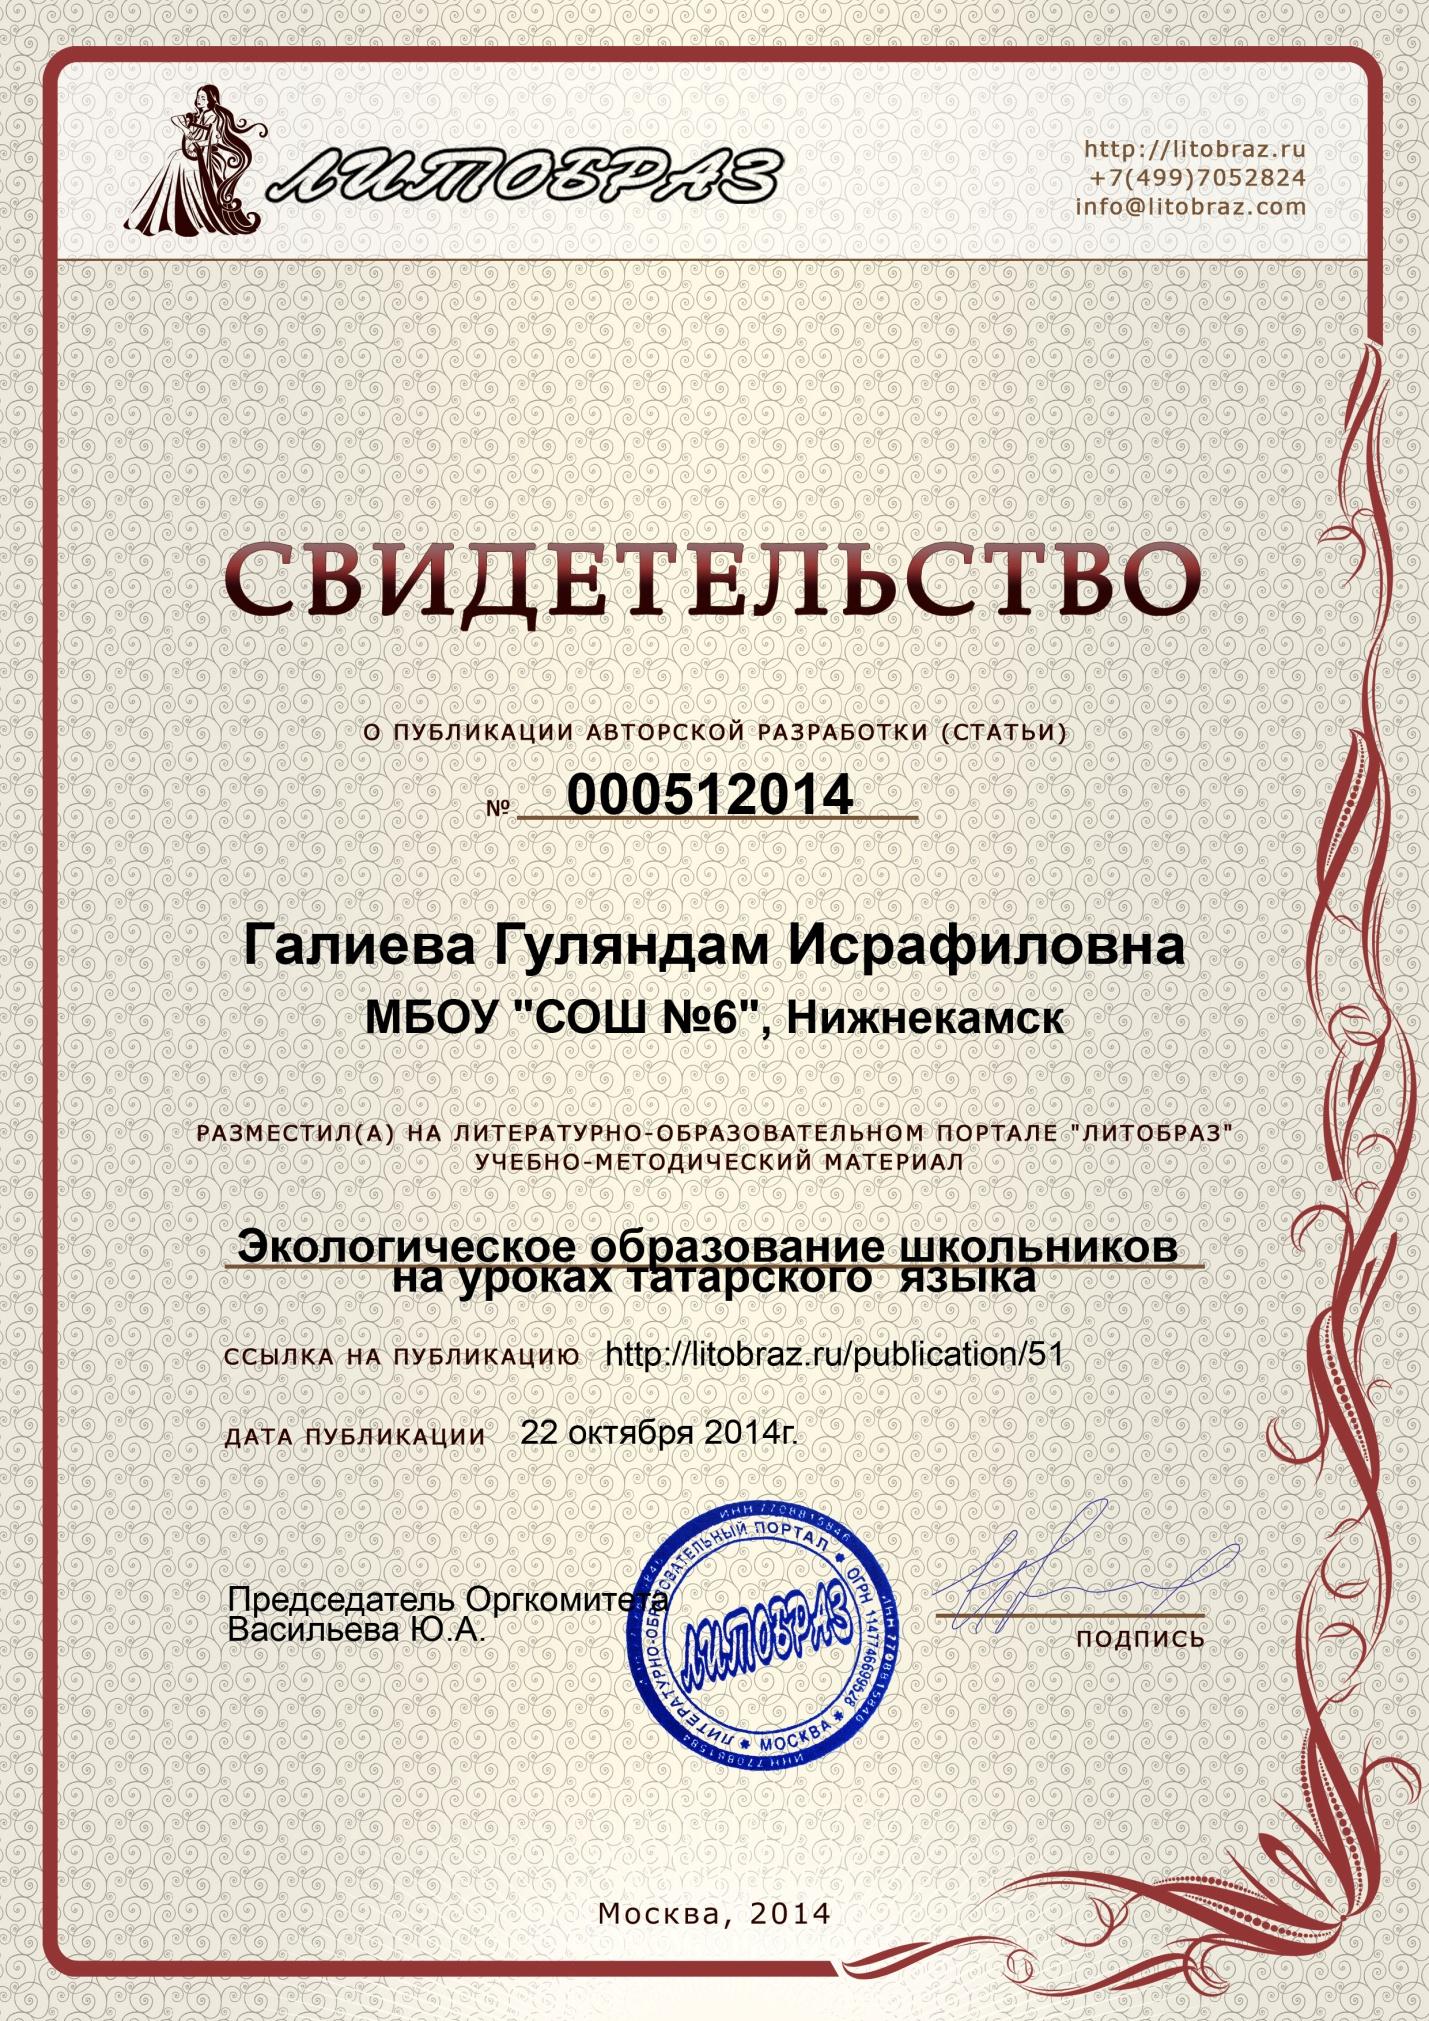 C:\Users\Эльвира Исмагиловна\Desktop\дипломы Галиевой Г за 1-п. 2014\свидетельство.jpg